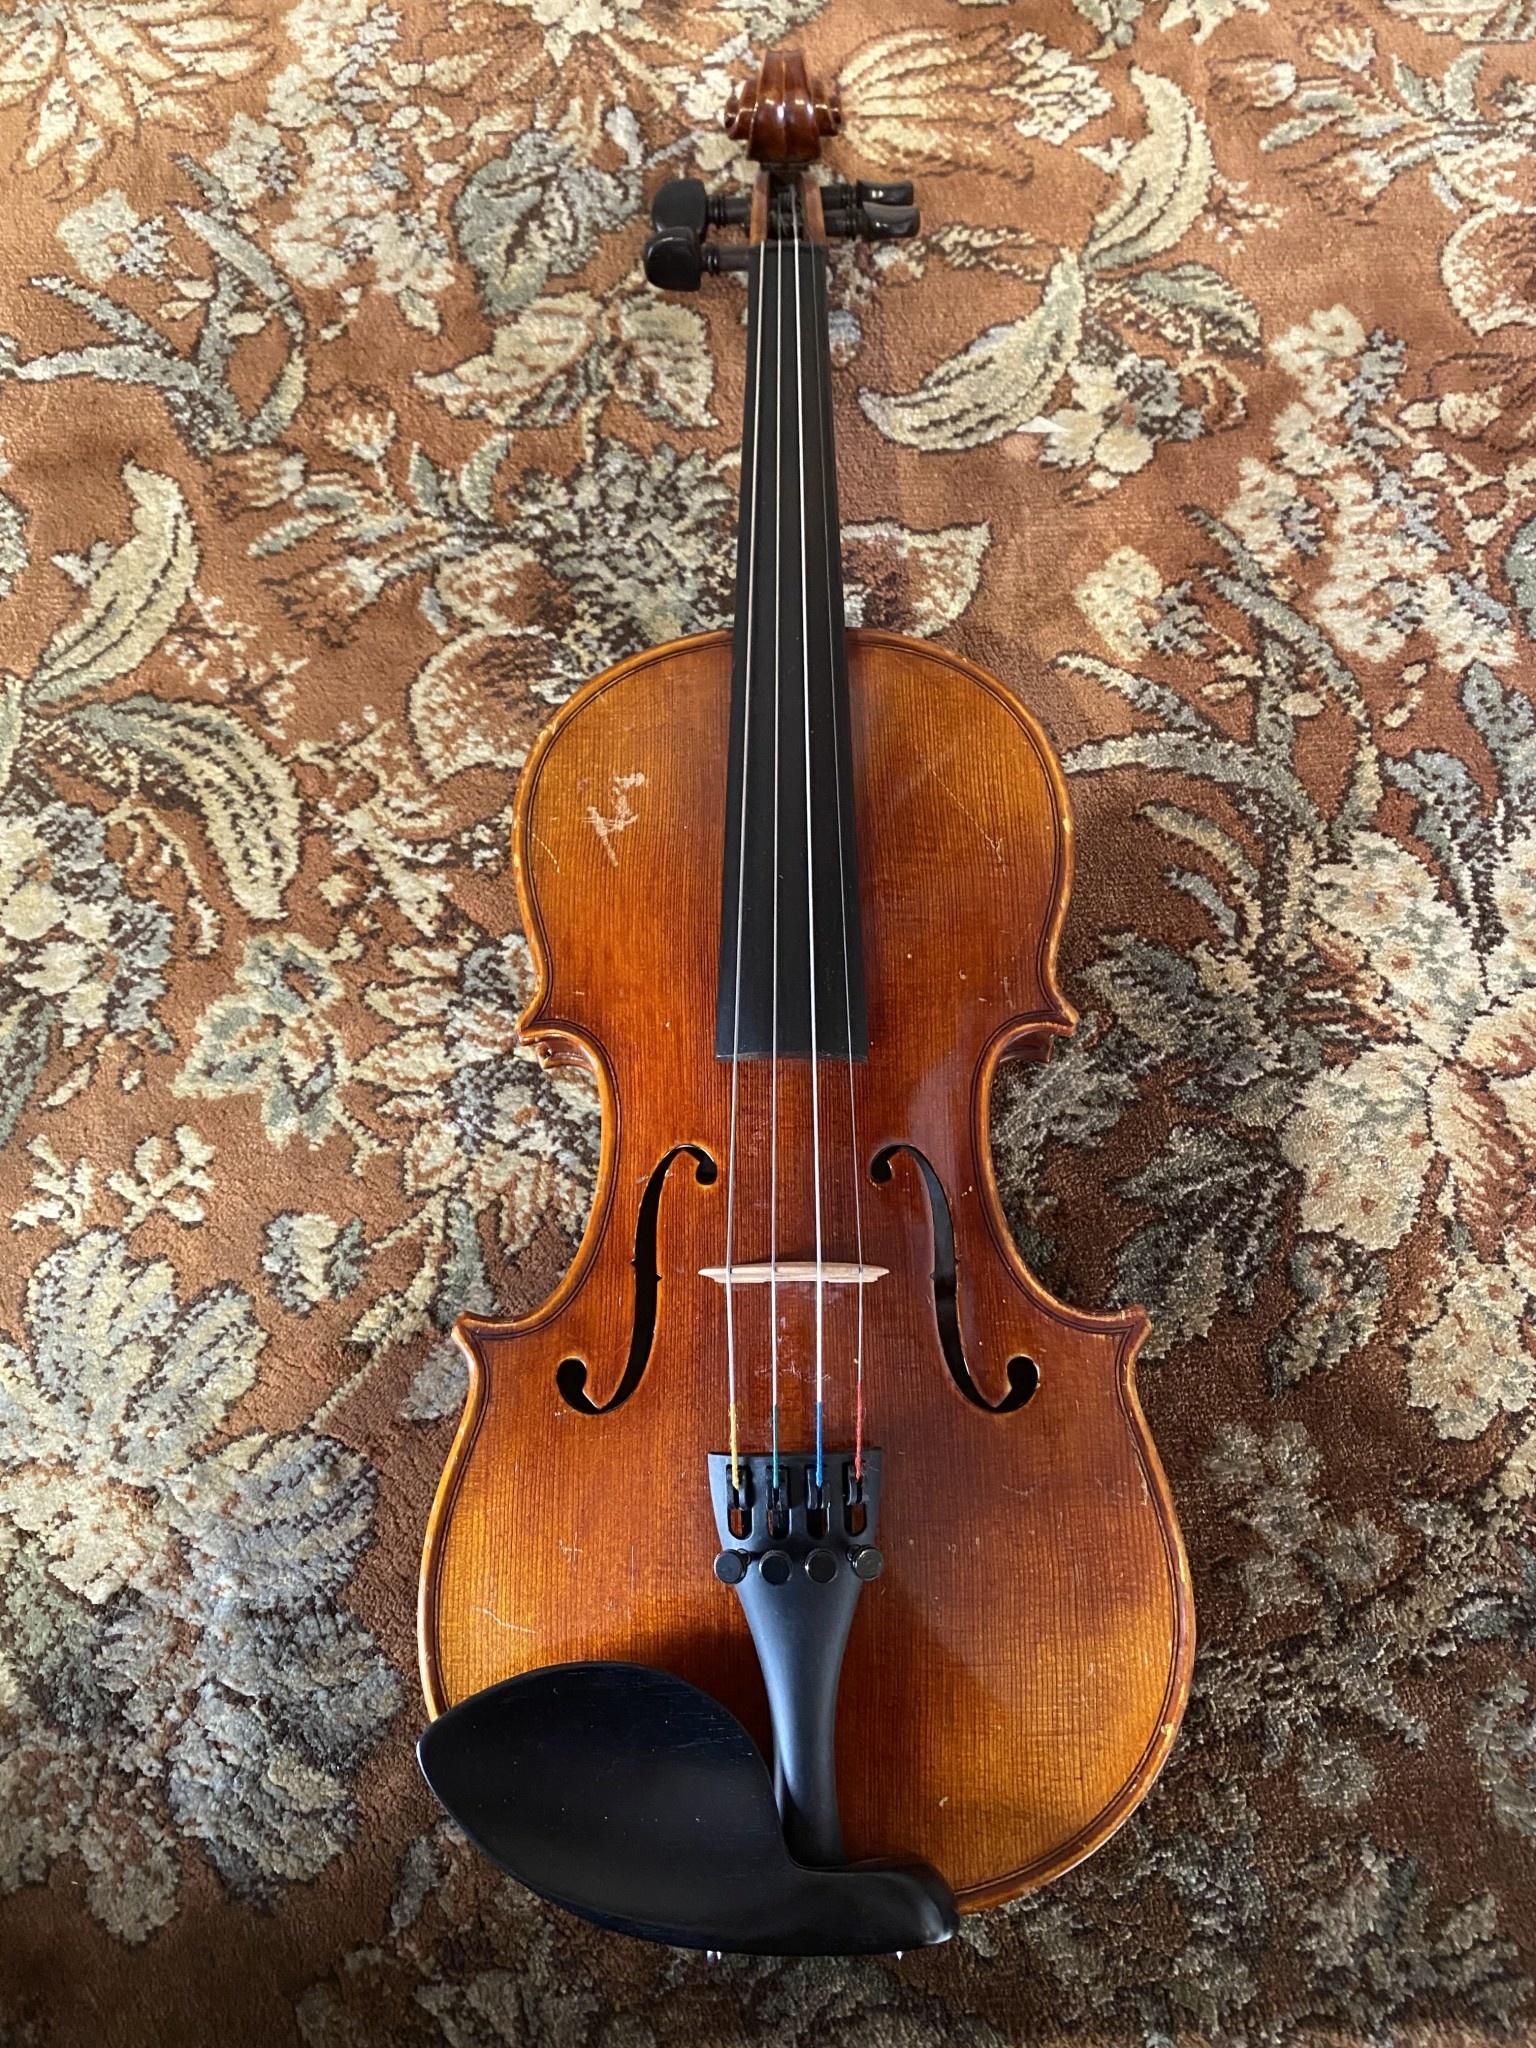 Thankful Strings Thankful Strings 1/2 model 25 violin, used